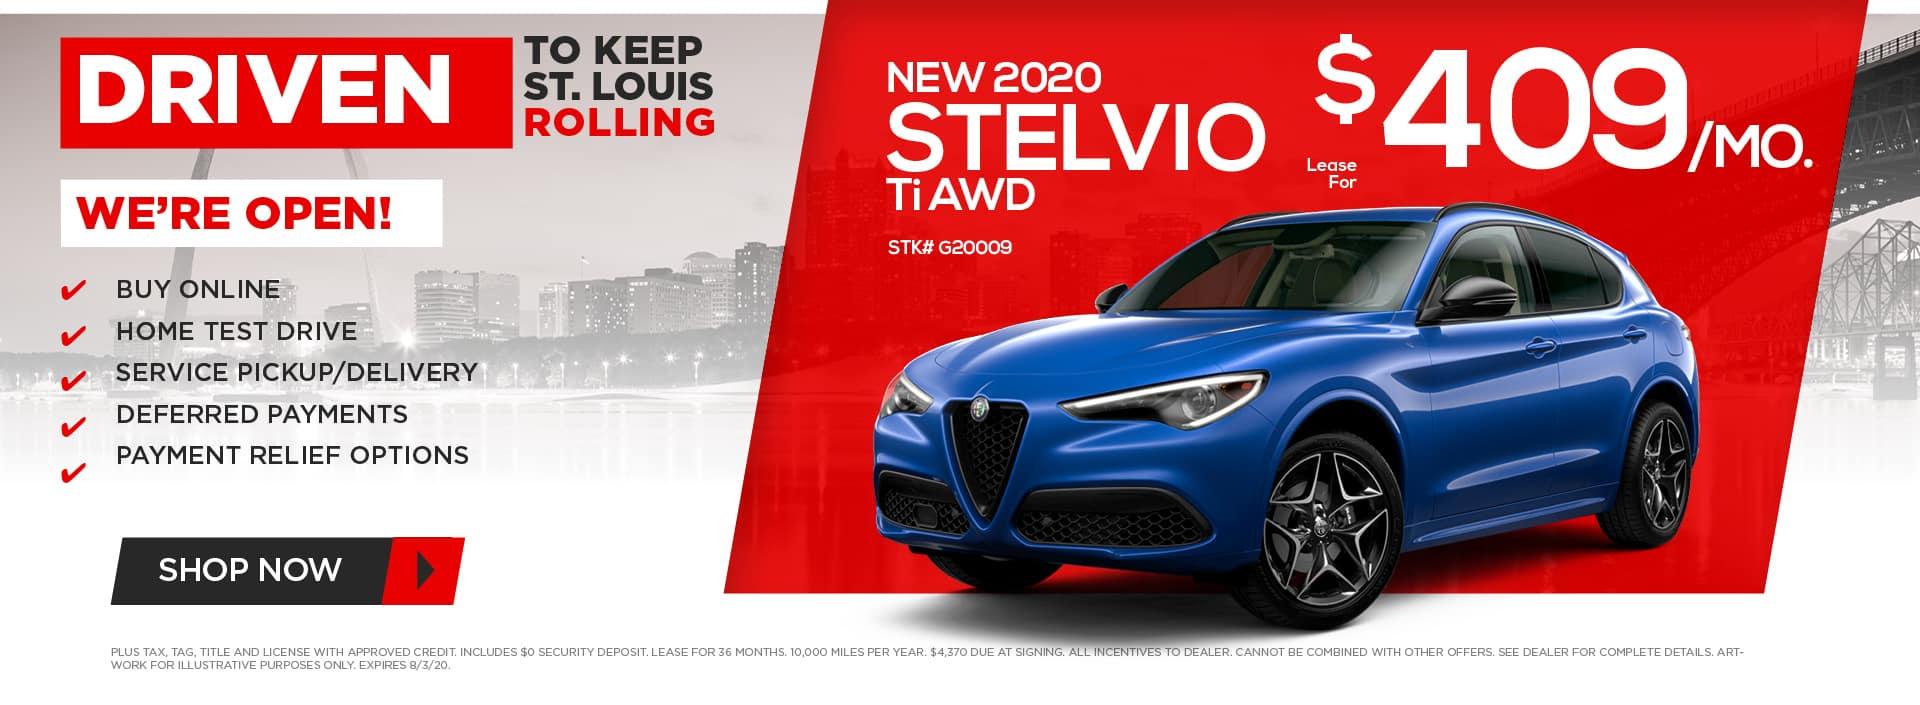 New 2020 Stelvio Ti